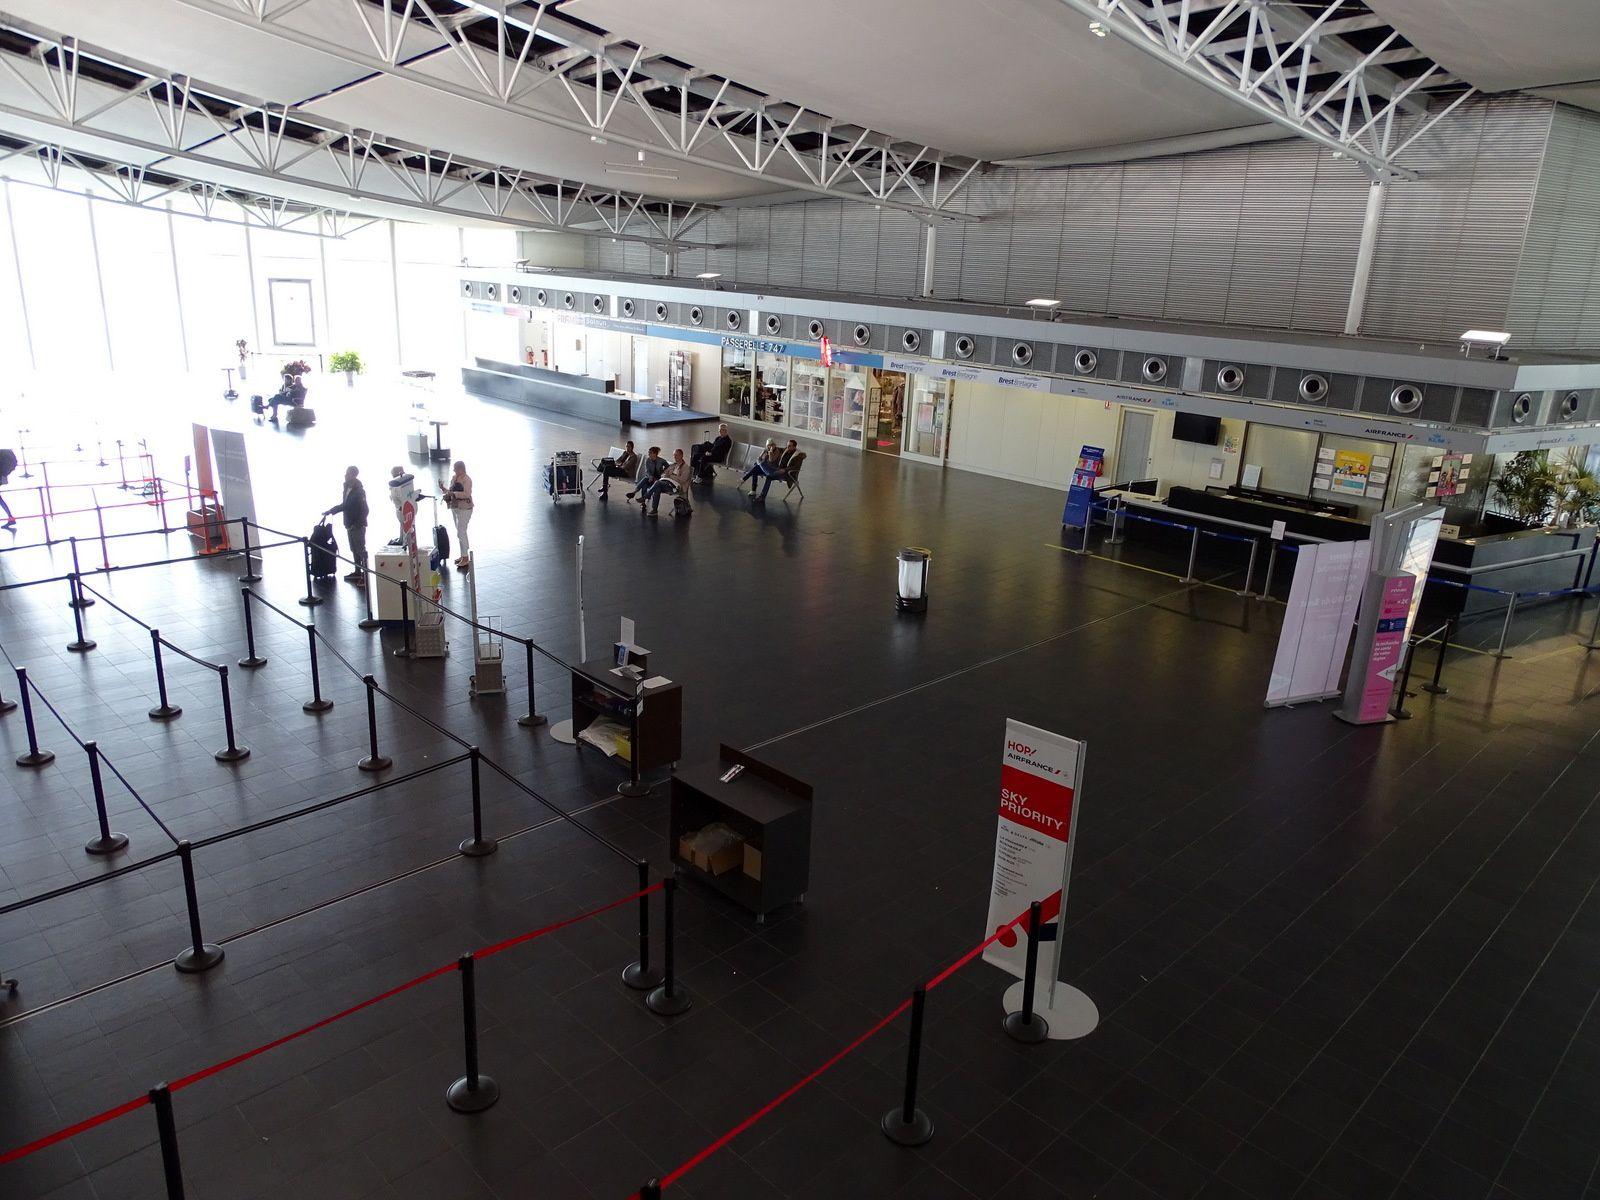 L'aéroport de Brest Bretagne